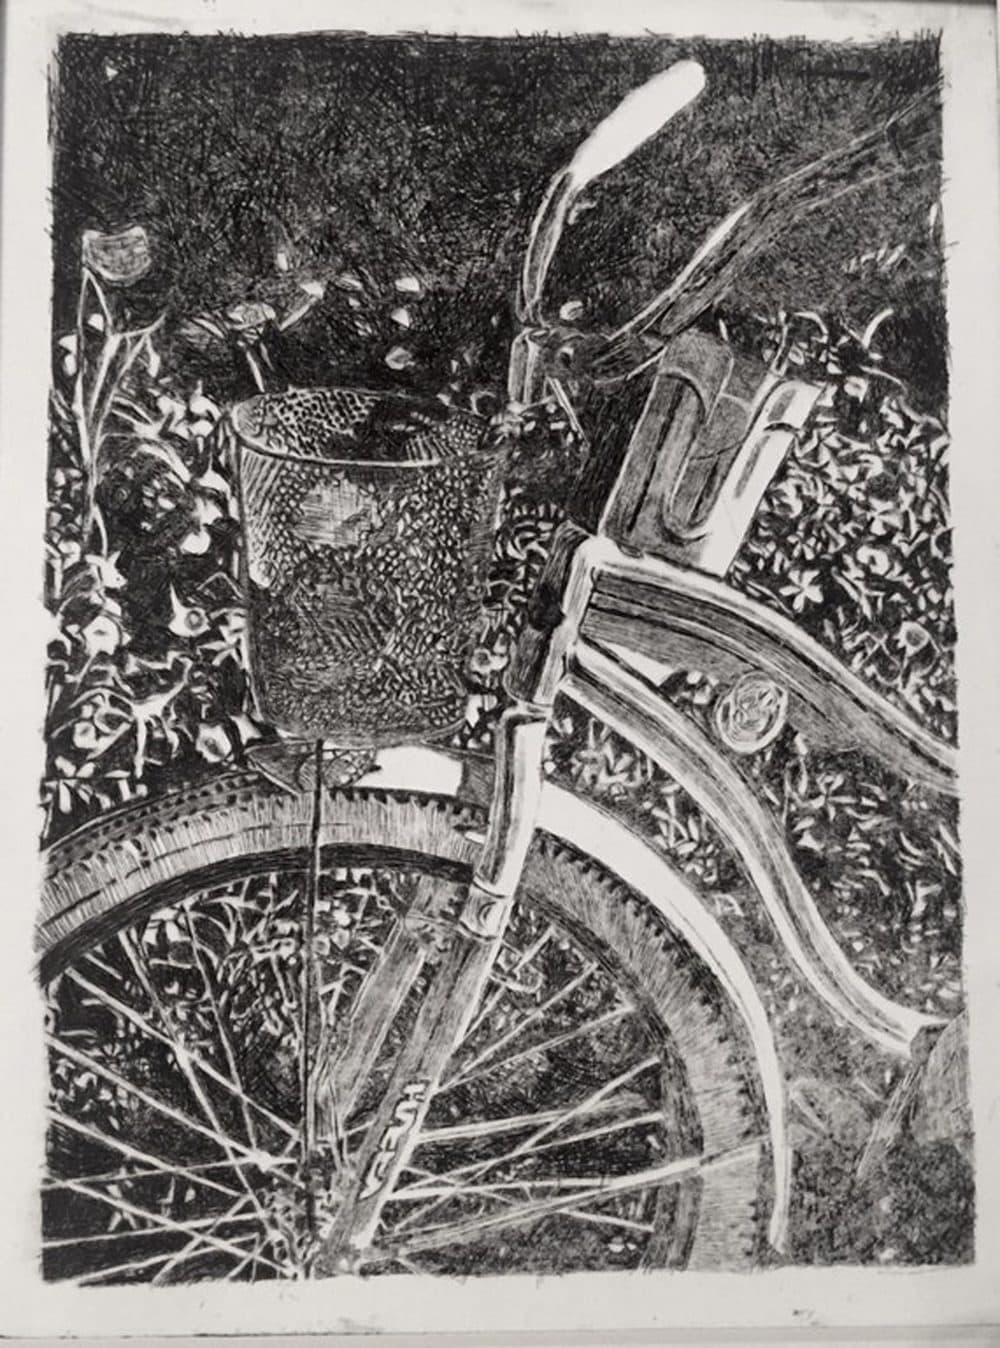 mackinaw island bike rides; drypoint print 8x12in (u/leahmarie315)